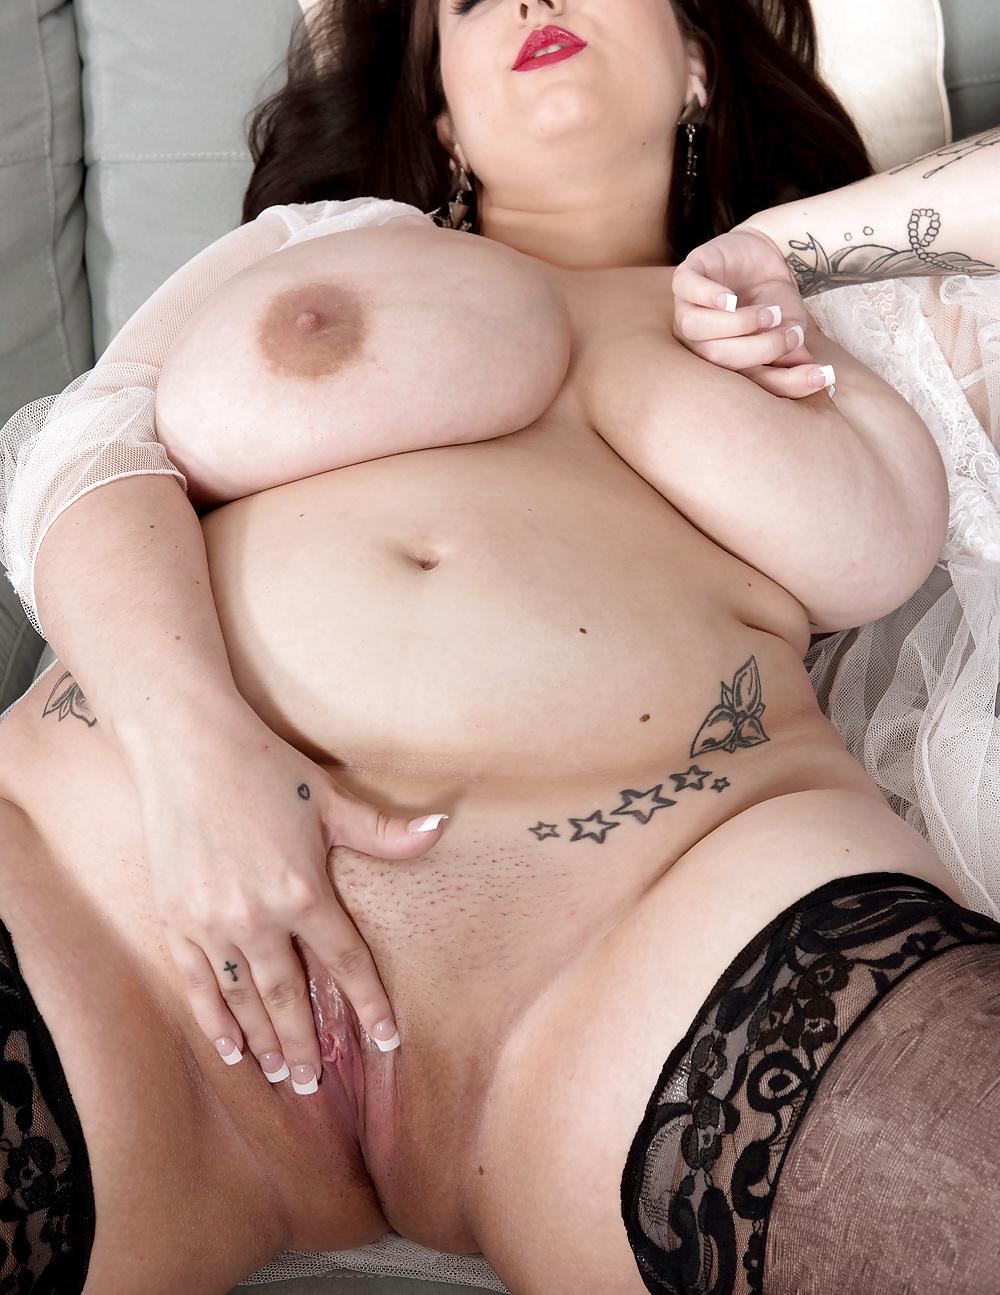 krasivie-pishnie-dami-porno